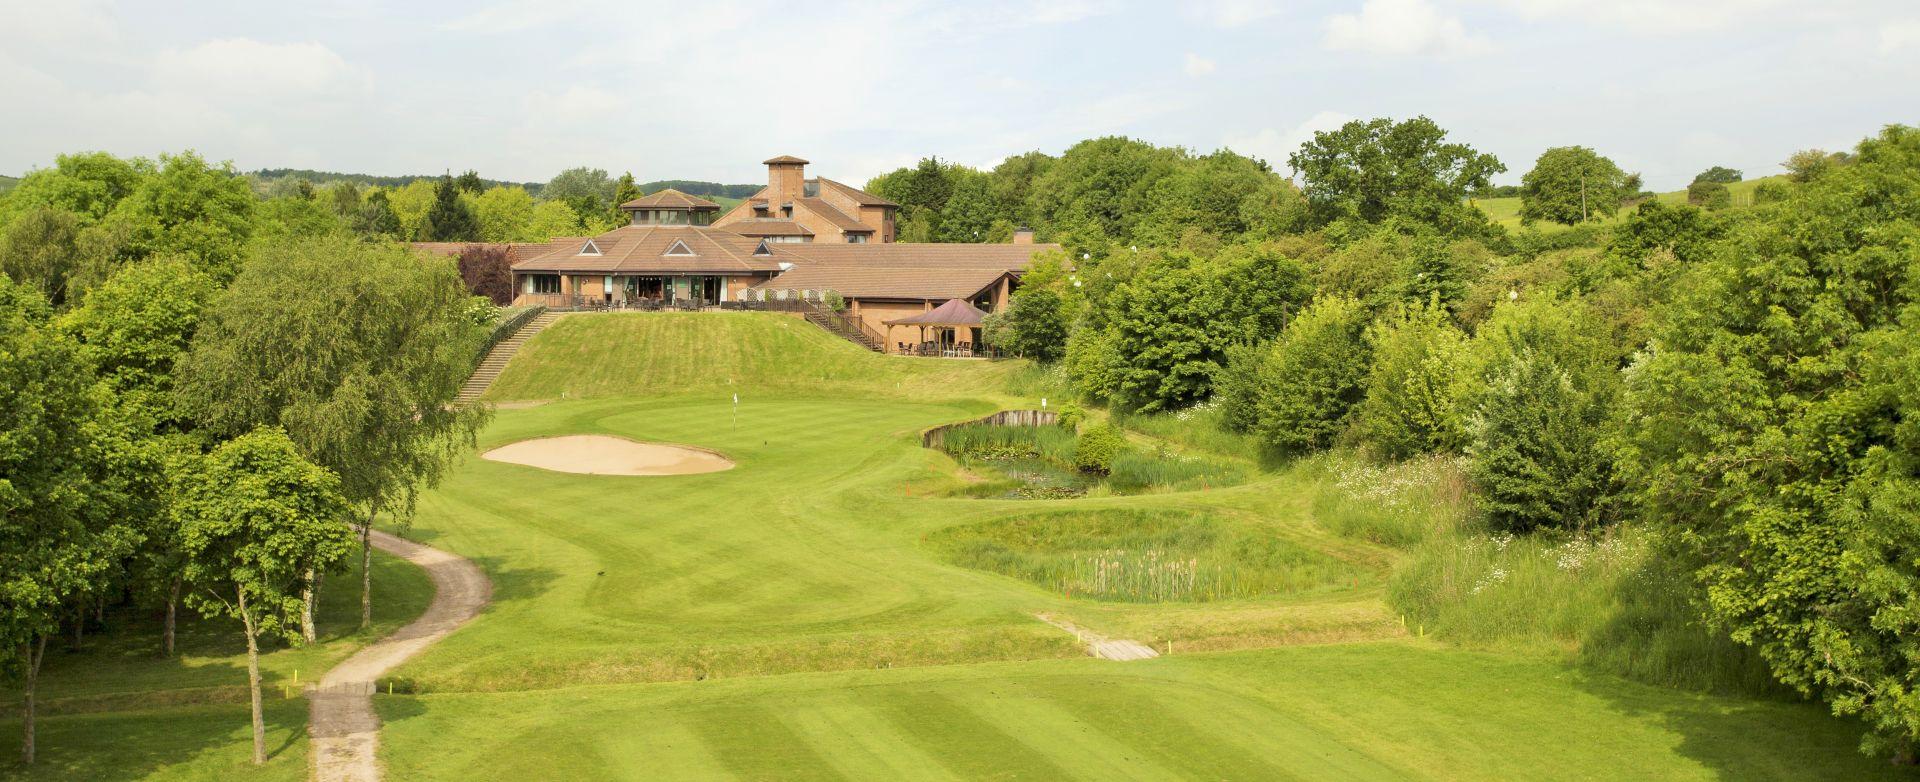 abbey-hotel-golf-spa-1